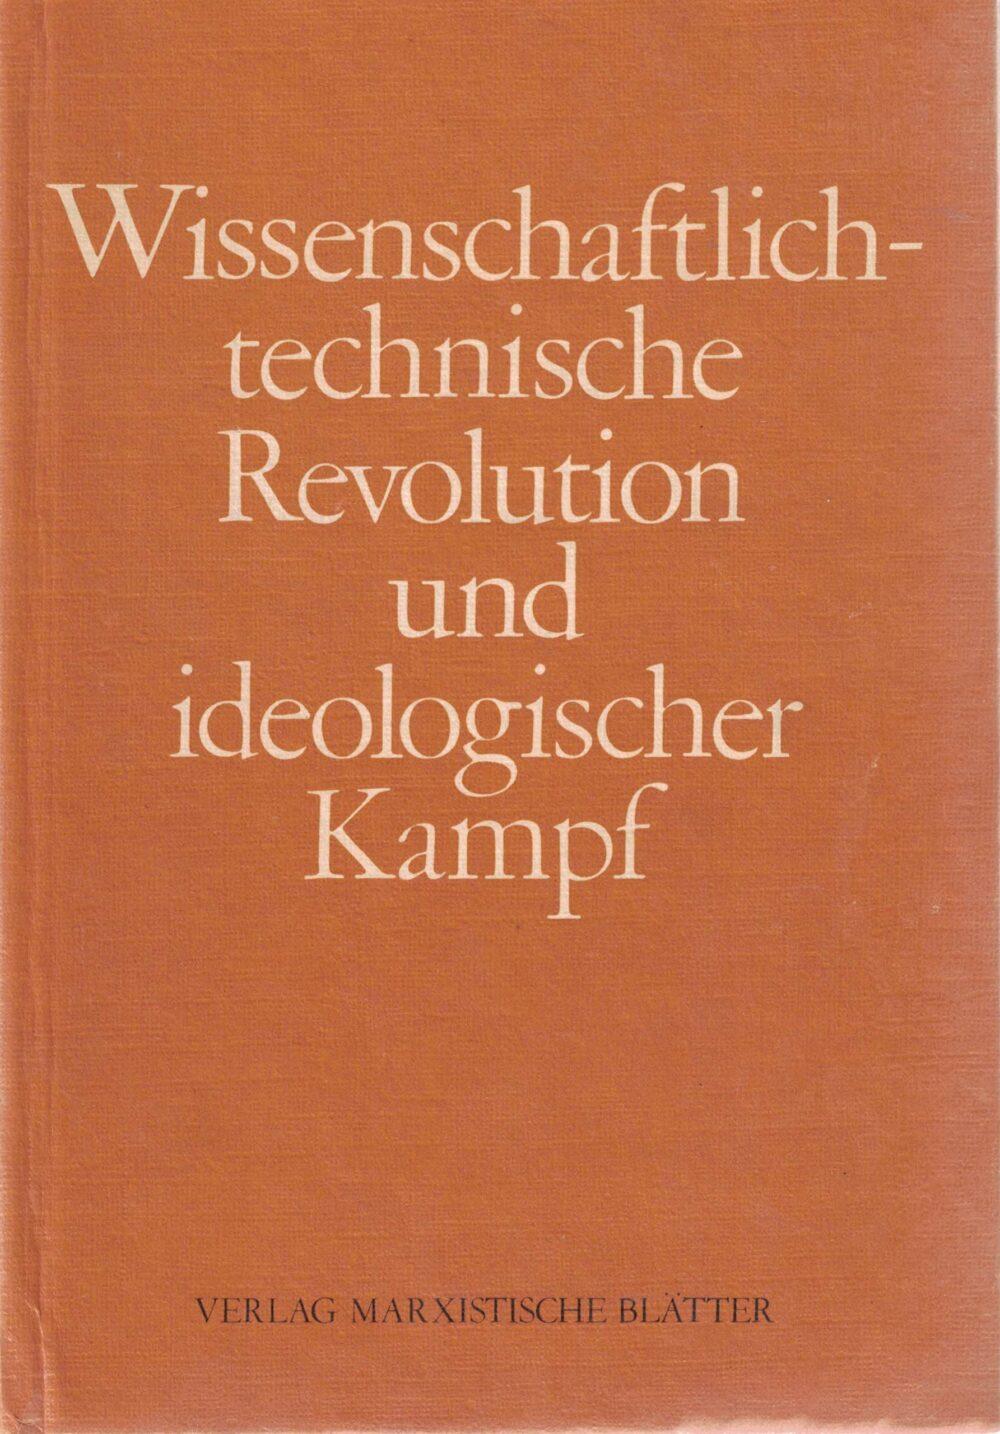 Wissenschaftlich-technische Revolution und ideologischer Kampf